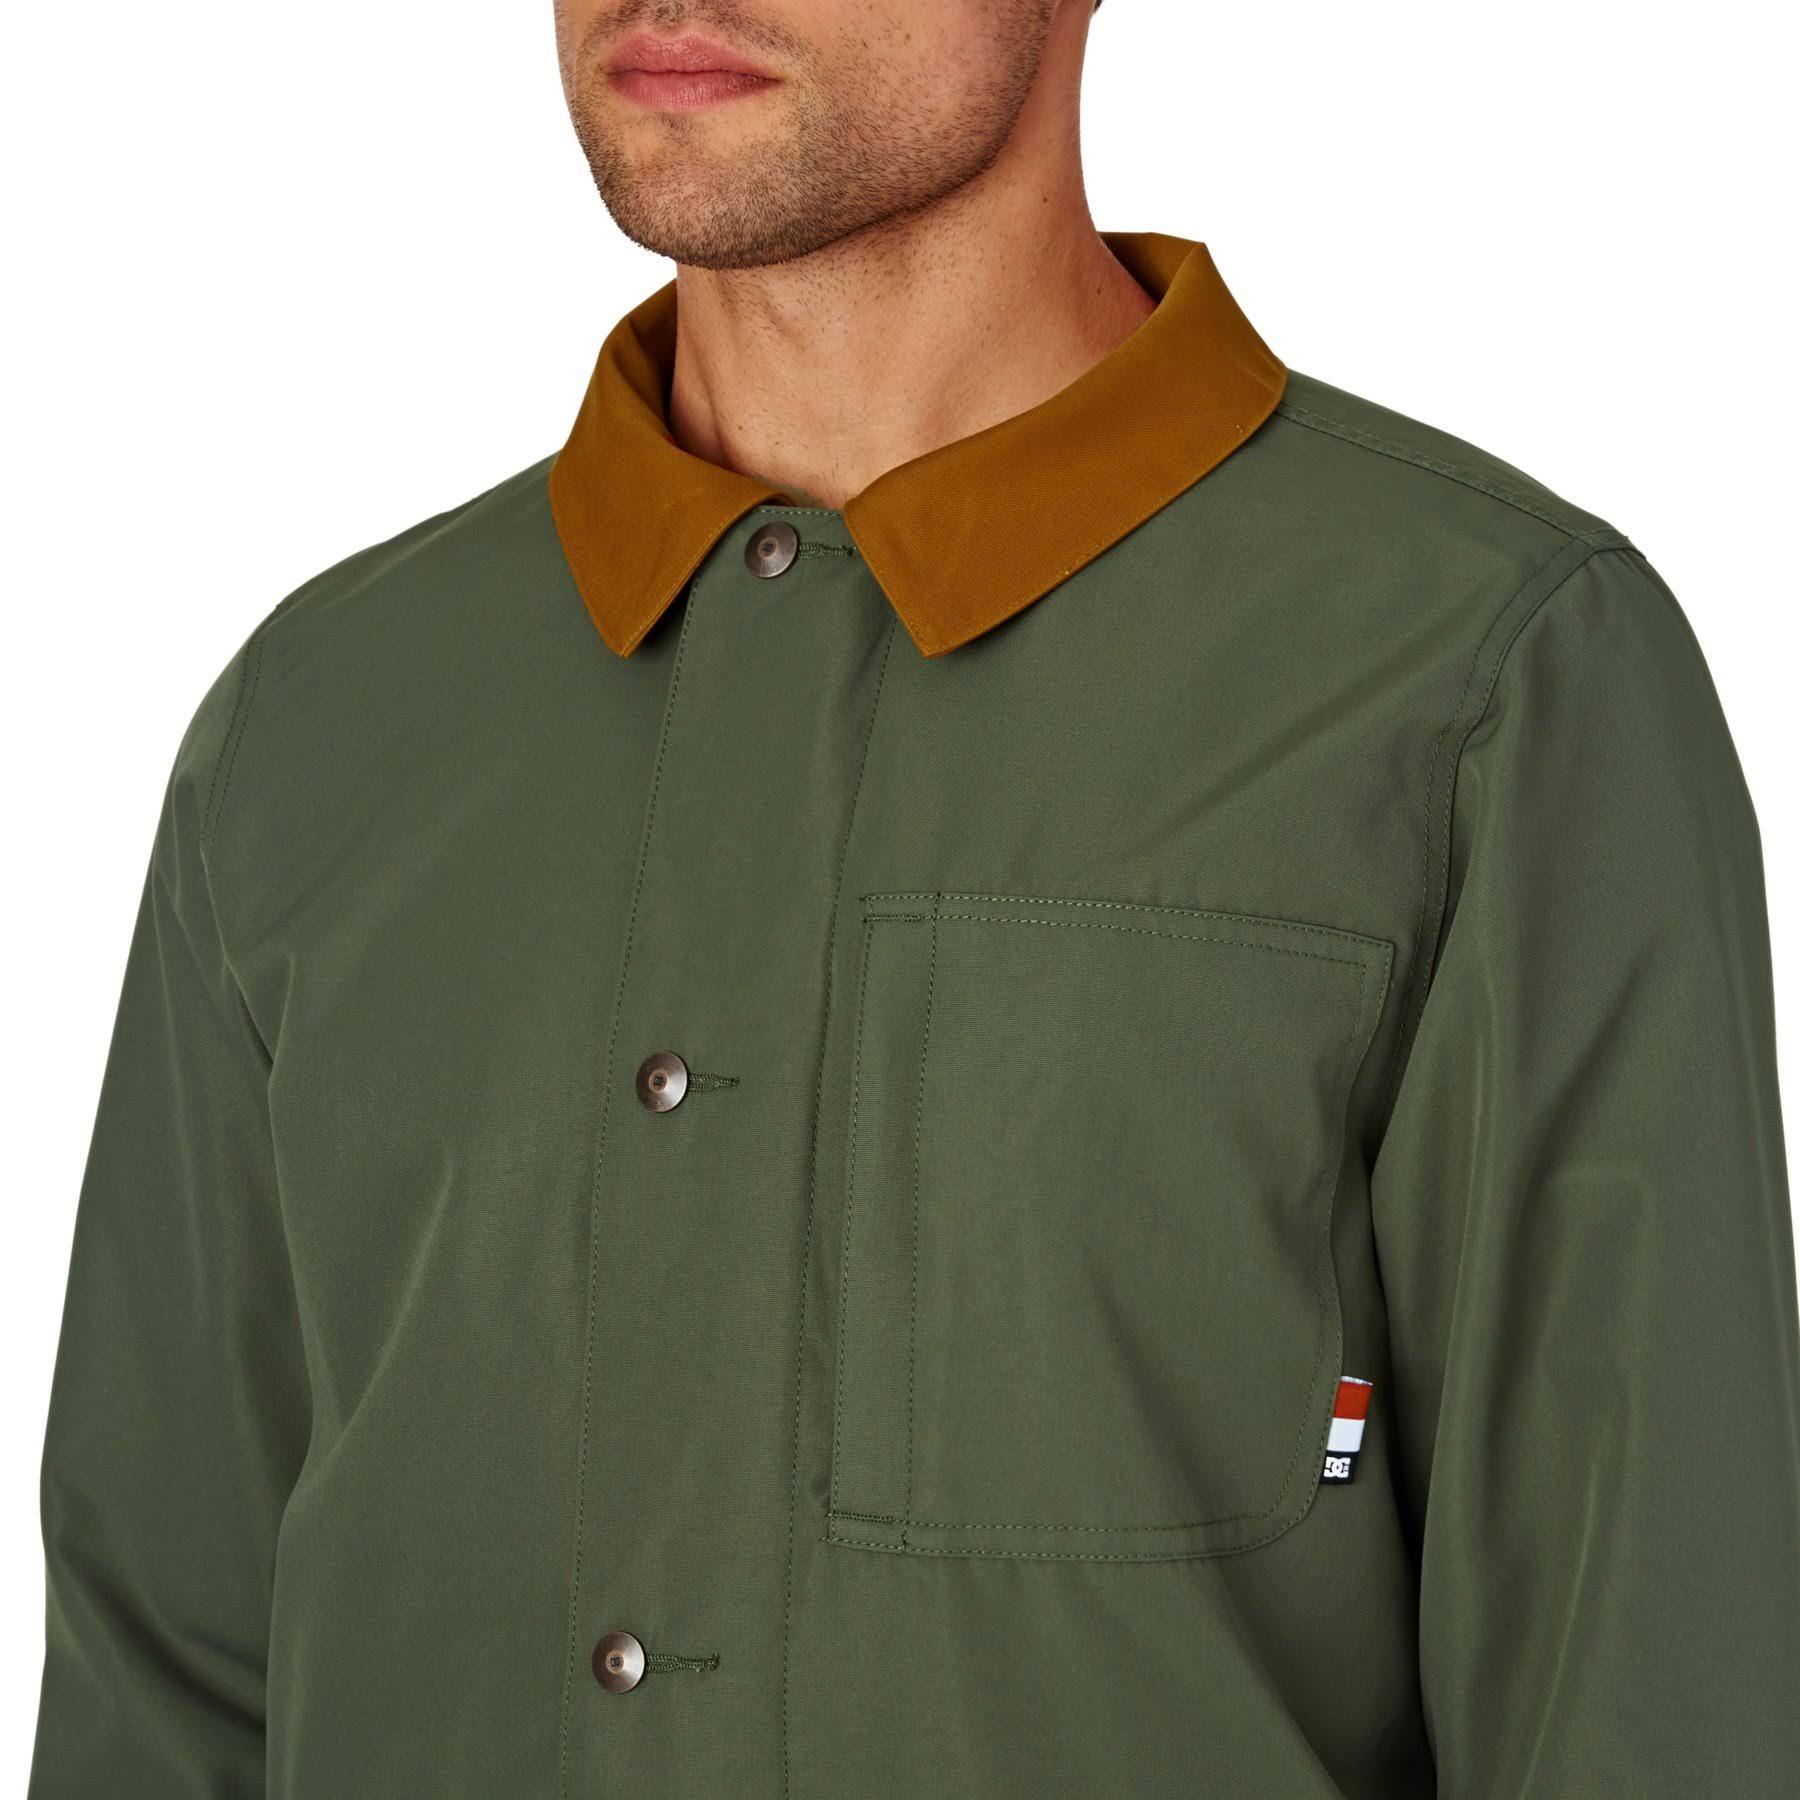 De Dc Embarque Camisa Chaqueta La Operativa Escarabajo fXqXTwd